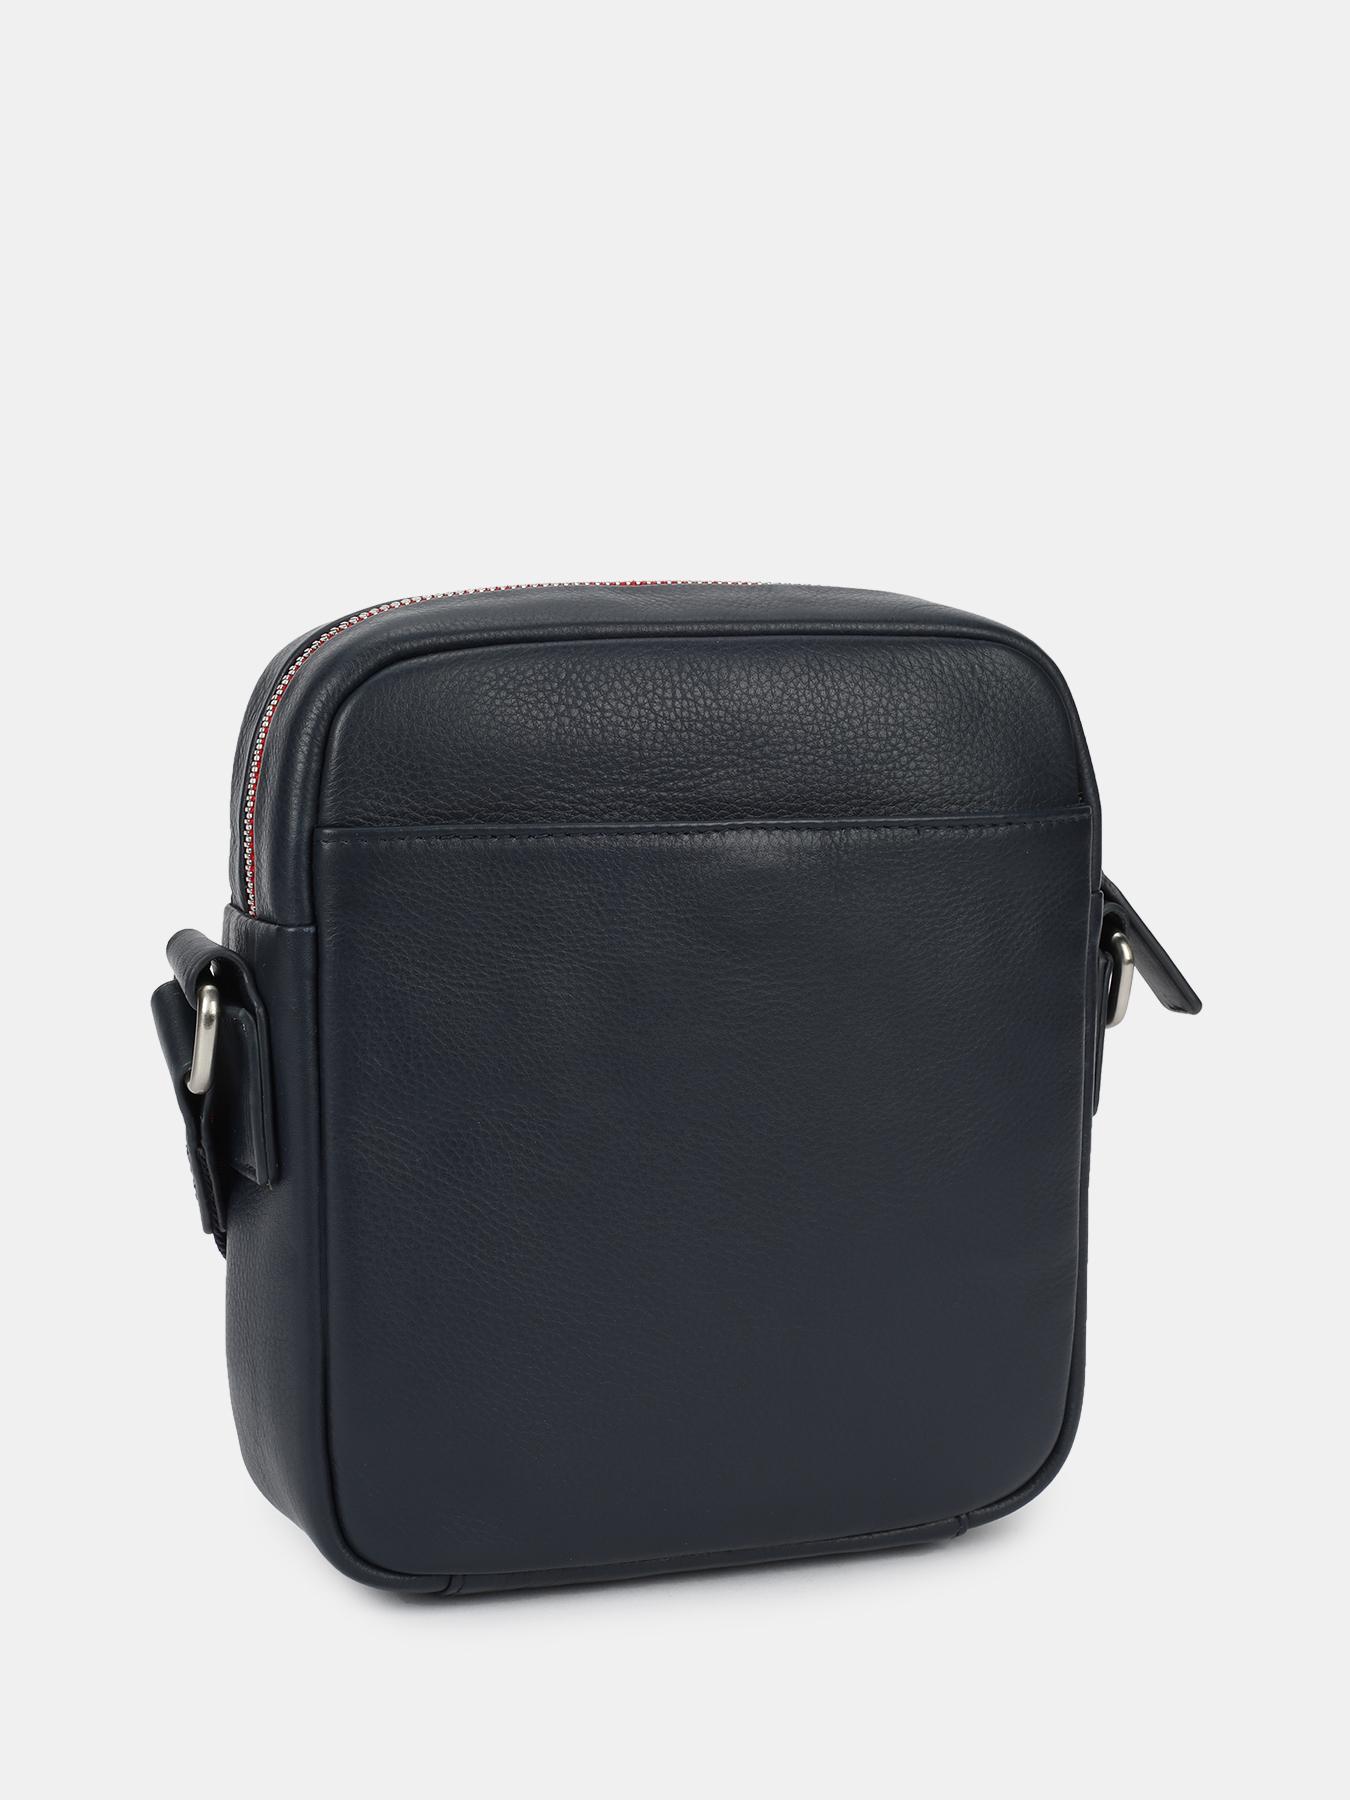 Фото - Сумка Cerruti 1881 Кожаная сумка gucci черная кожаная сумка